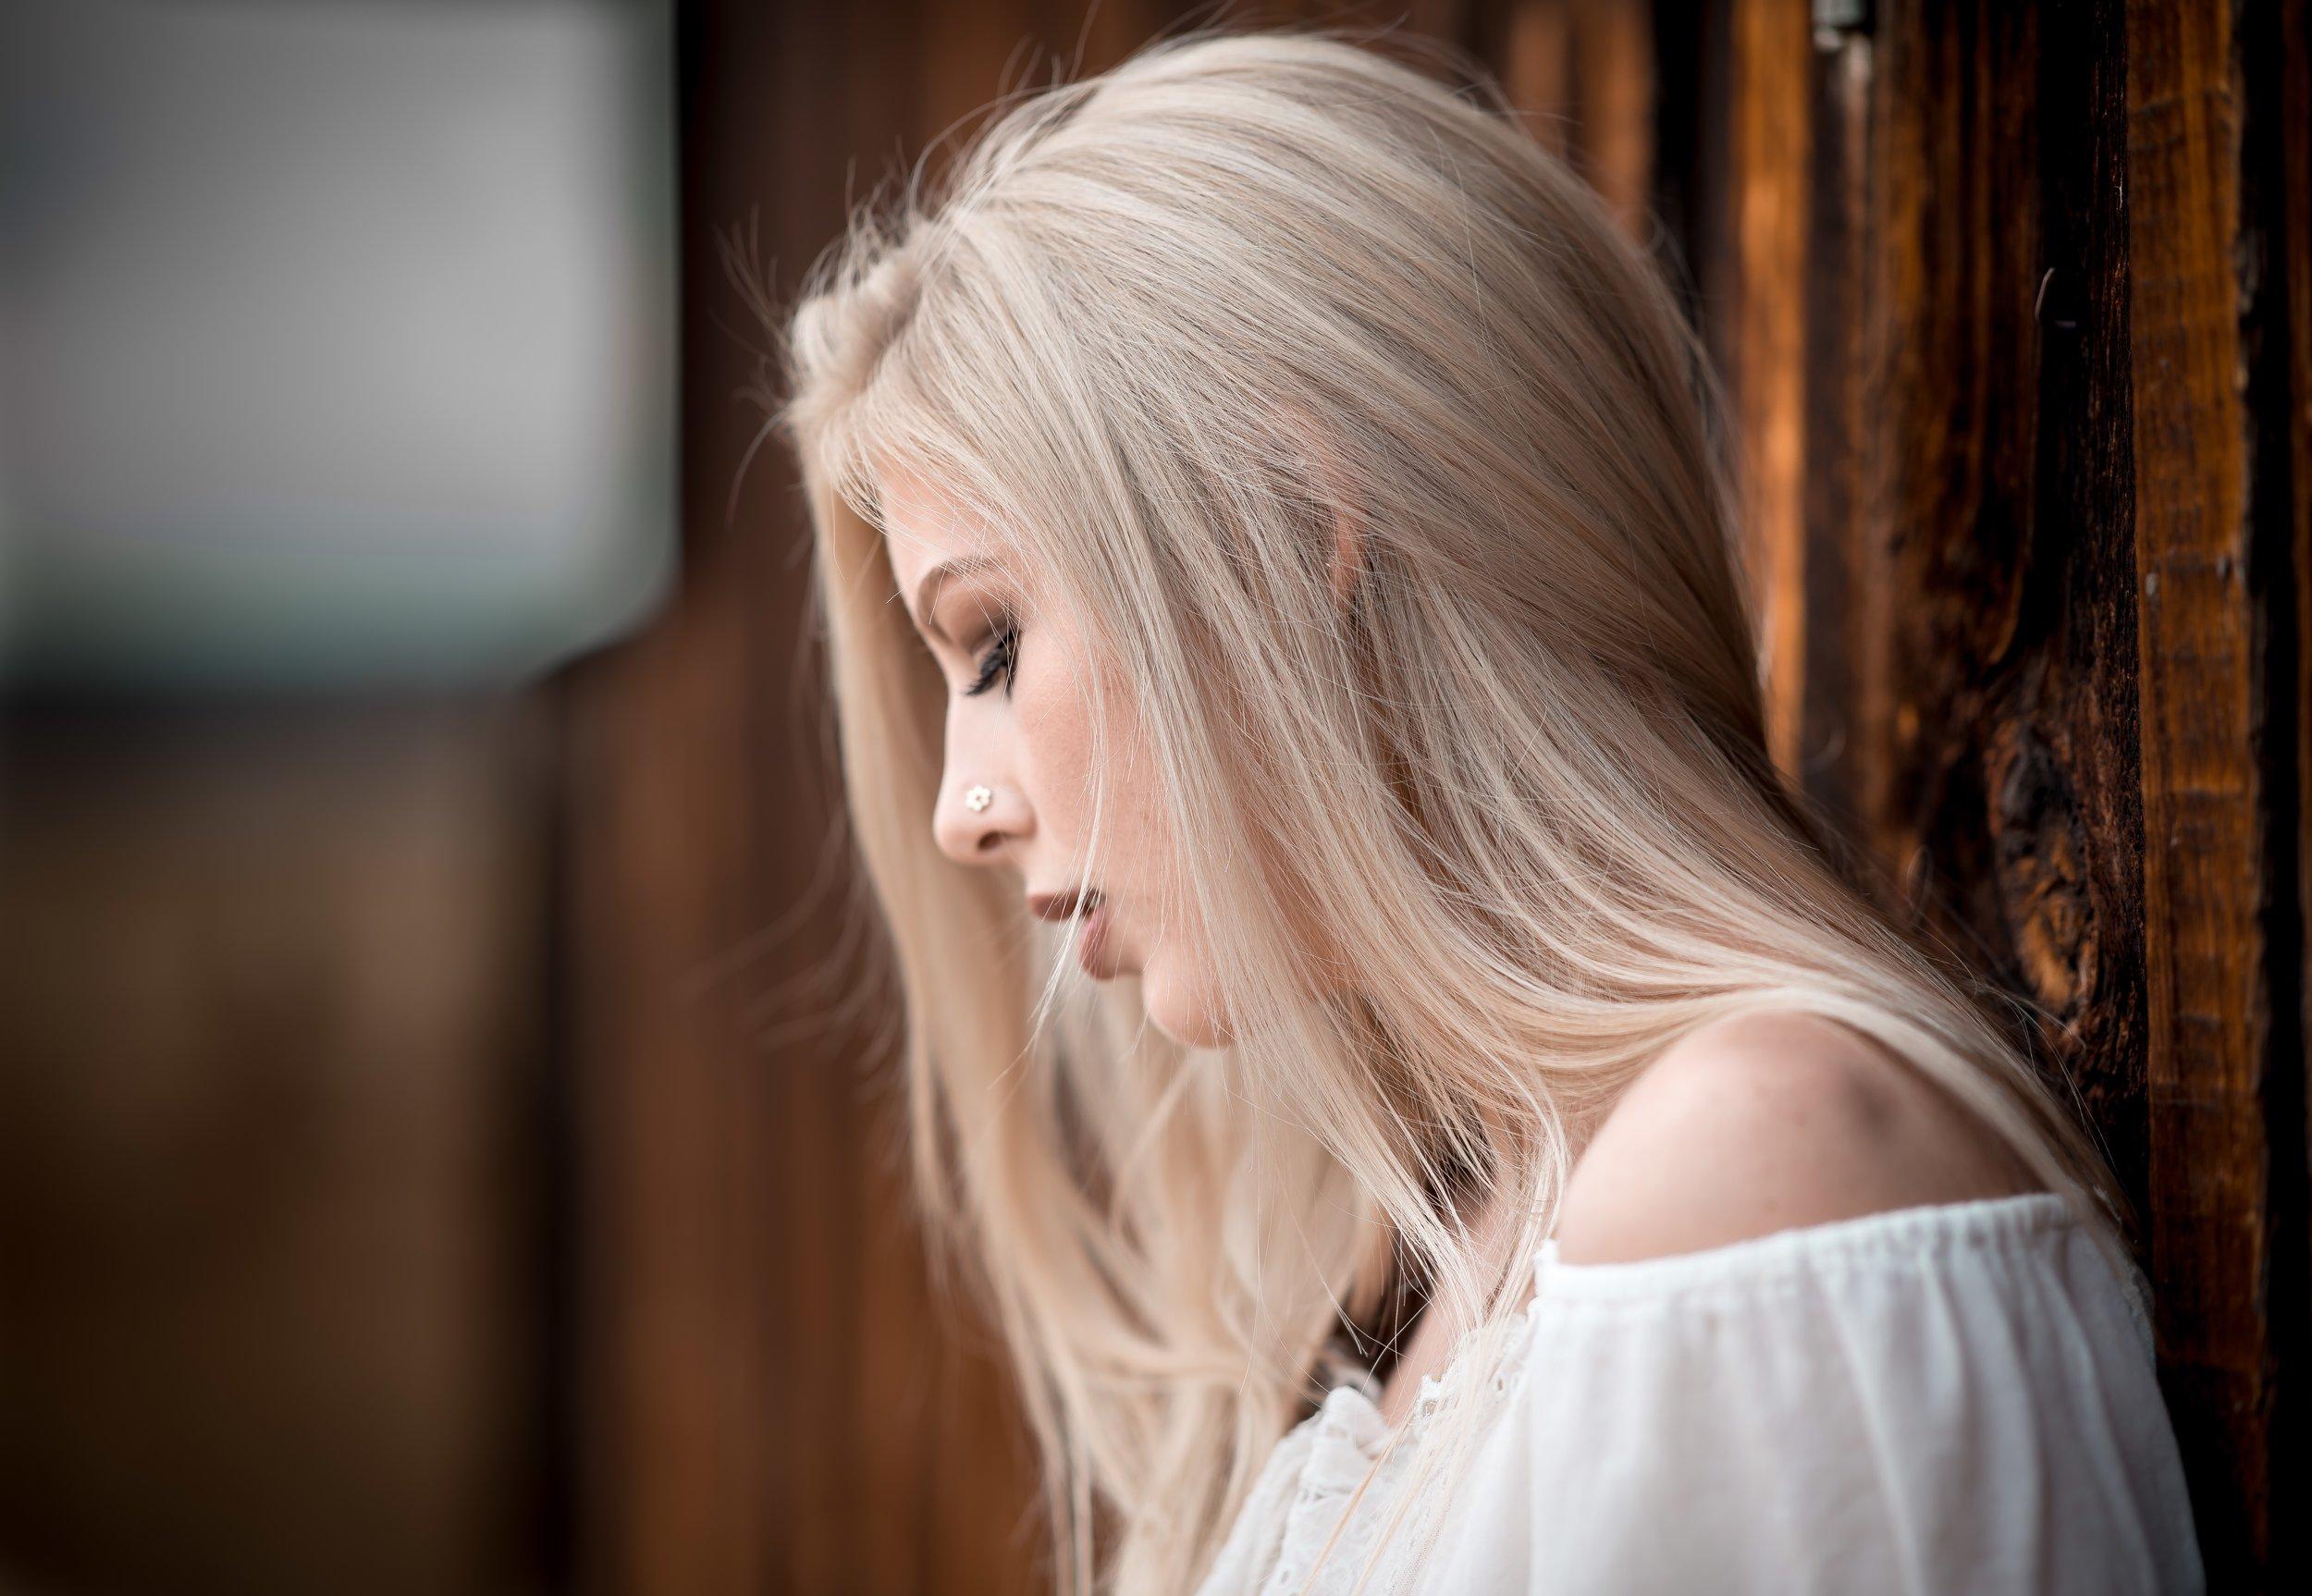 Treyb blond hair.JPG